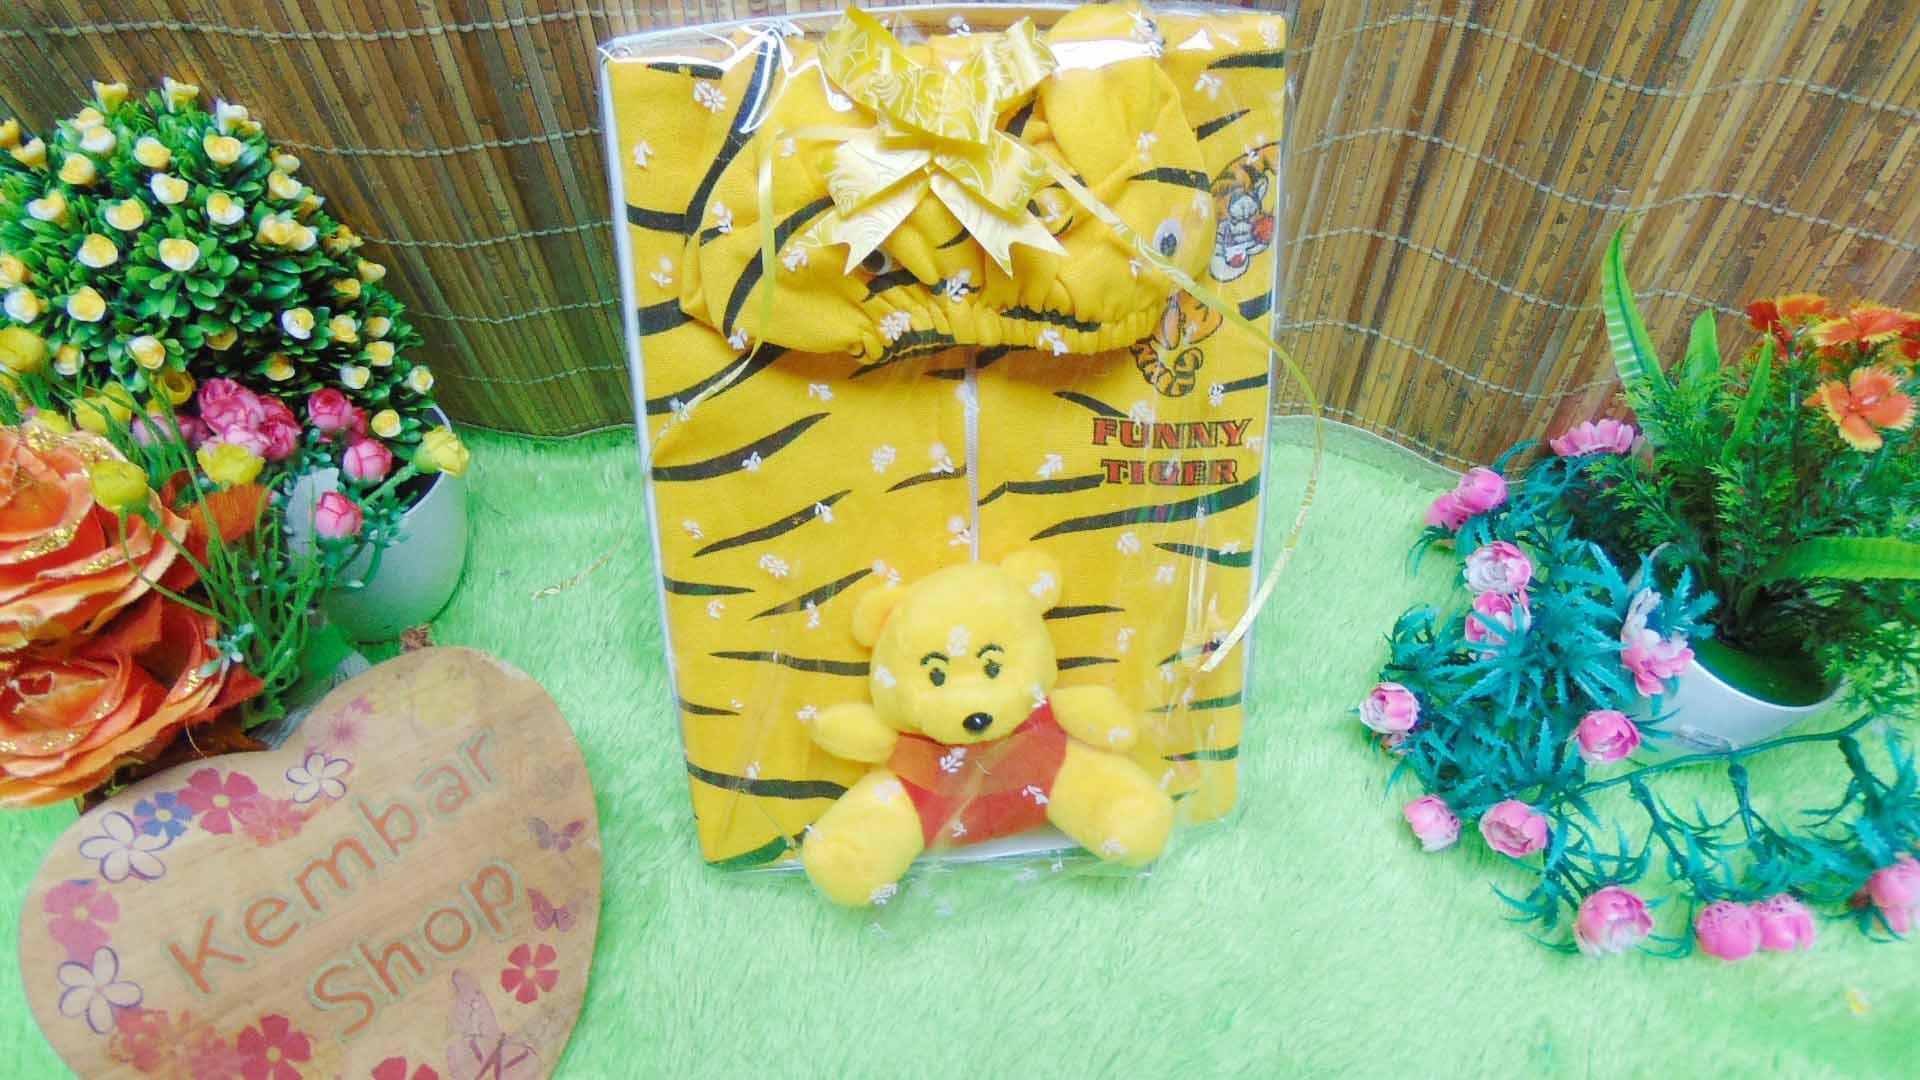 FREE KARTU UCAPAN paket kado lahiran bayi baby gift set box jaket plus boneka motif Tiger Harimau Aneka warna (1)